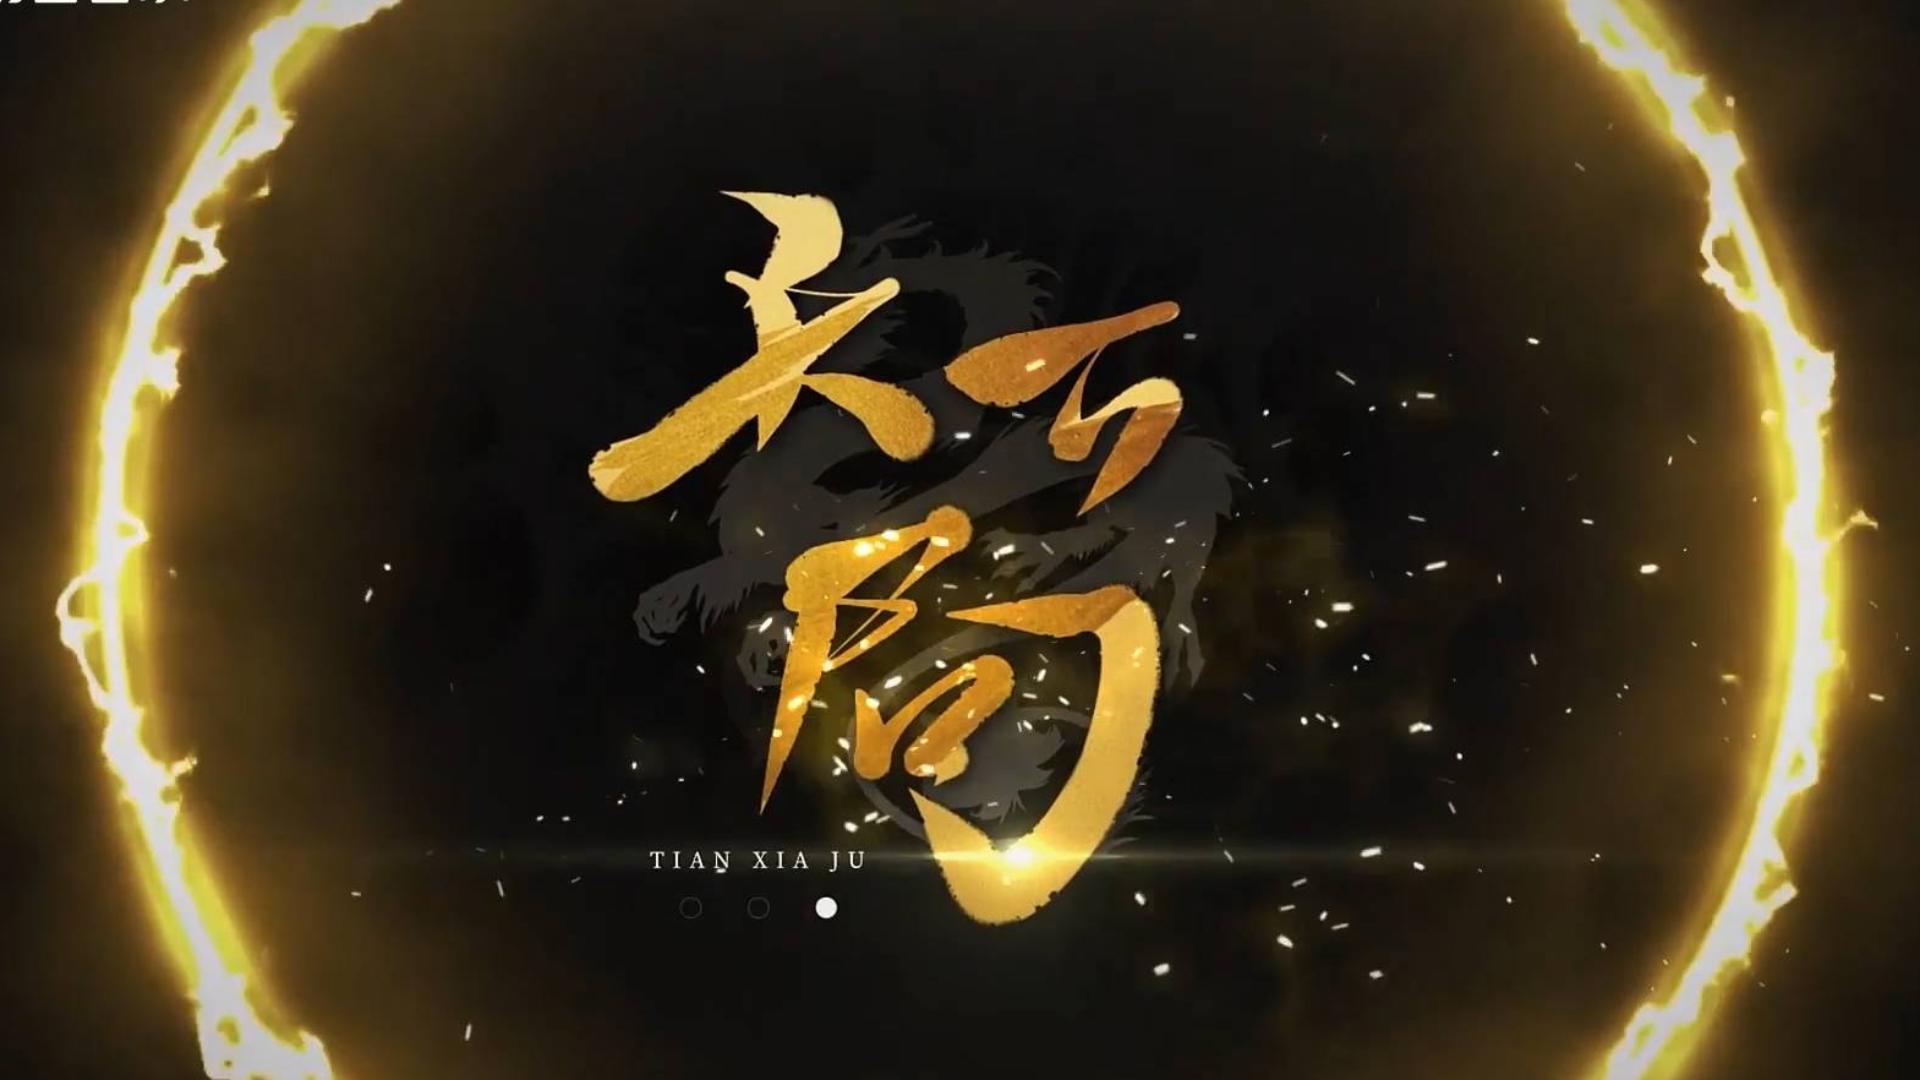 忘川风华录 - 【赤羽原创】天下局【忘川风华录】